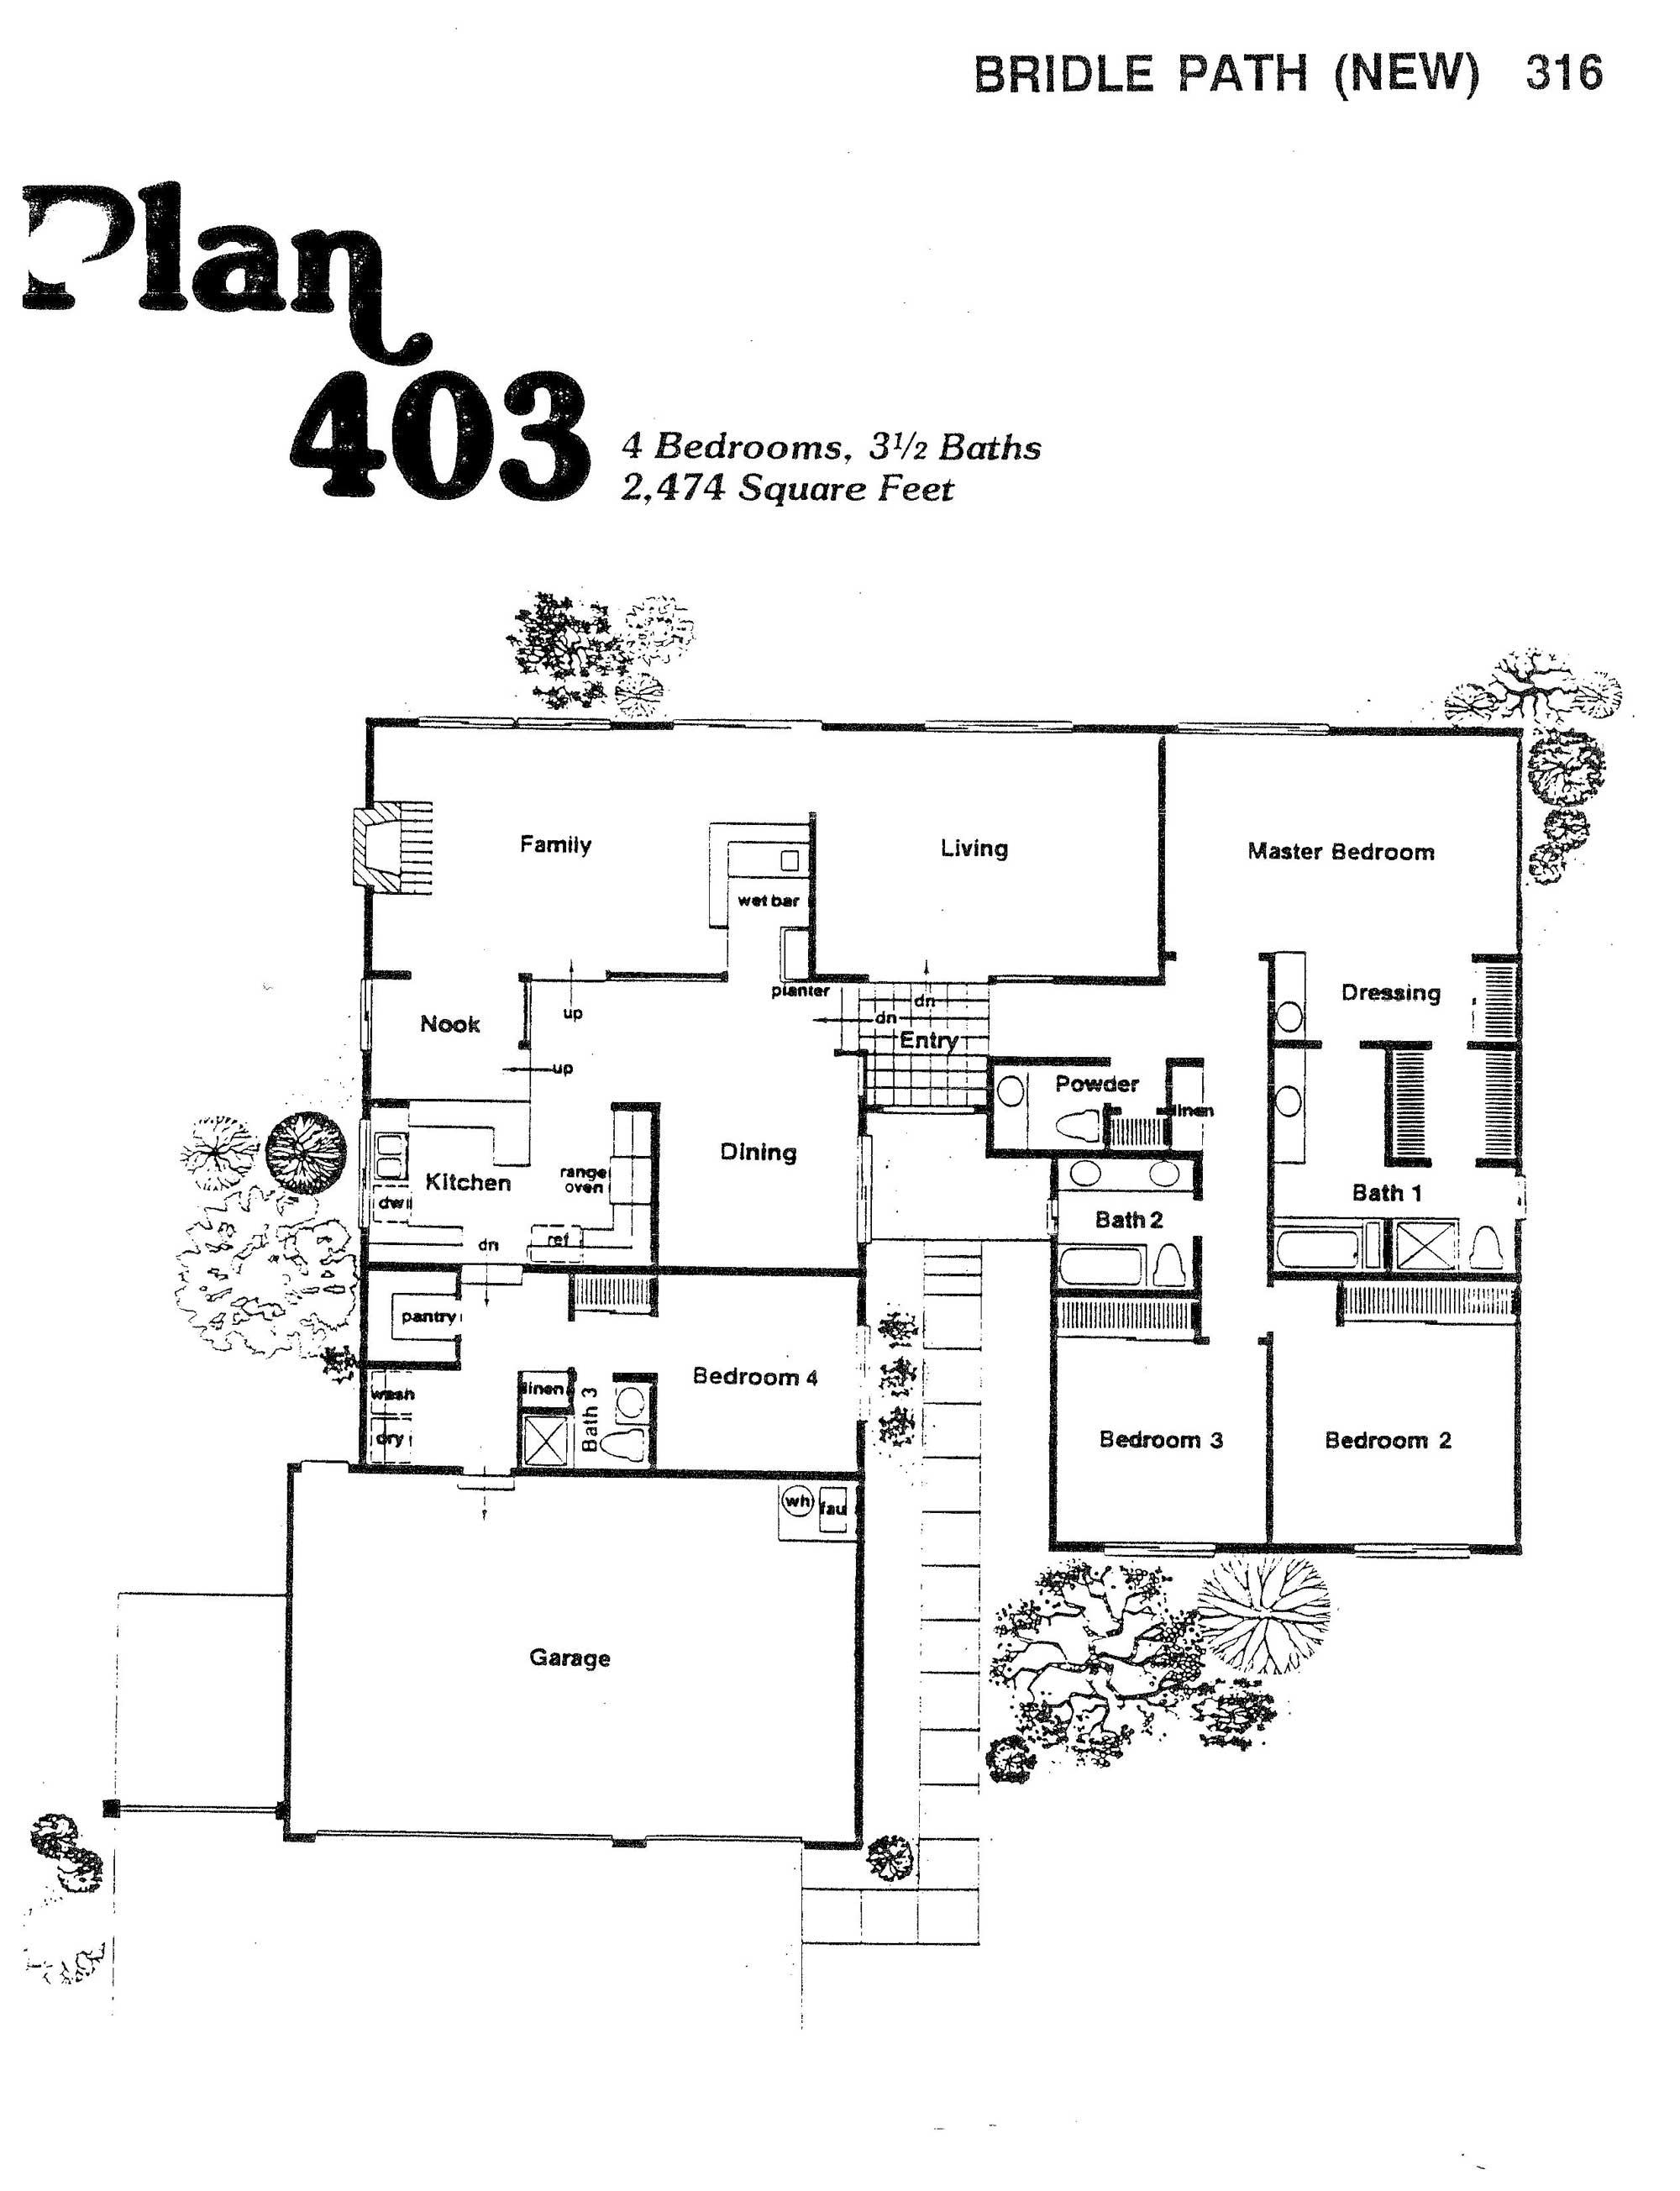 Bridle Path - Plan 403